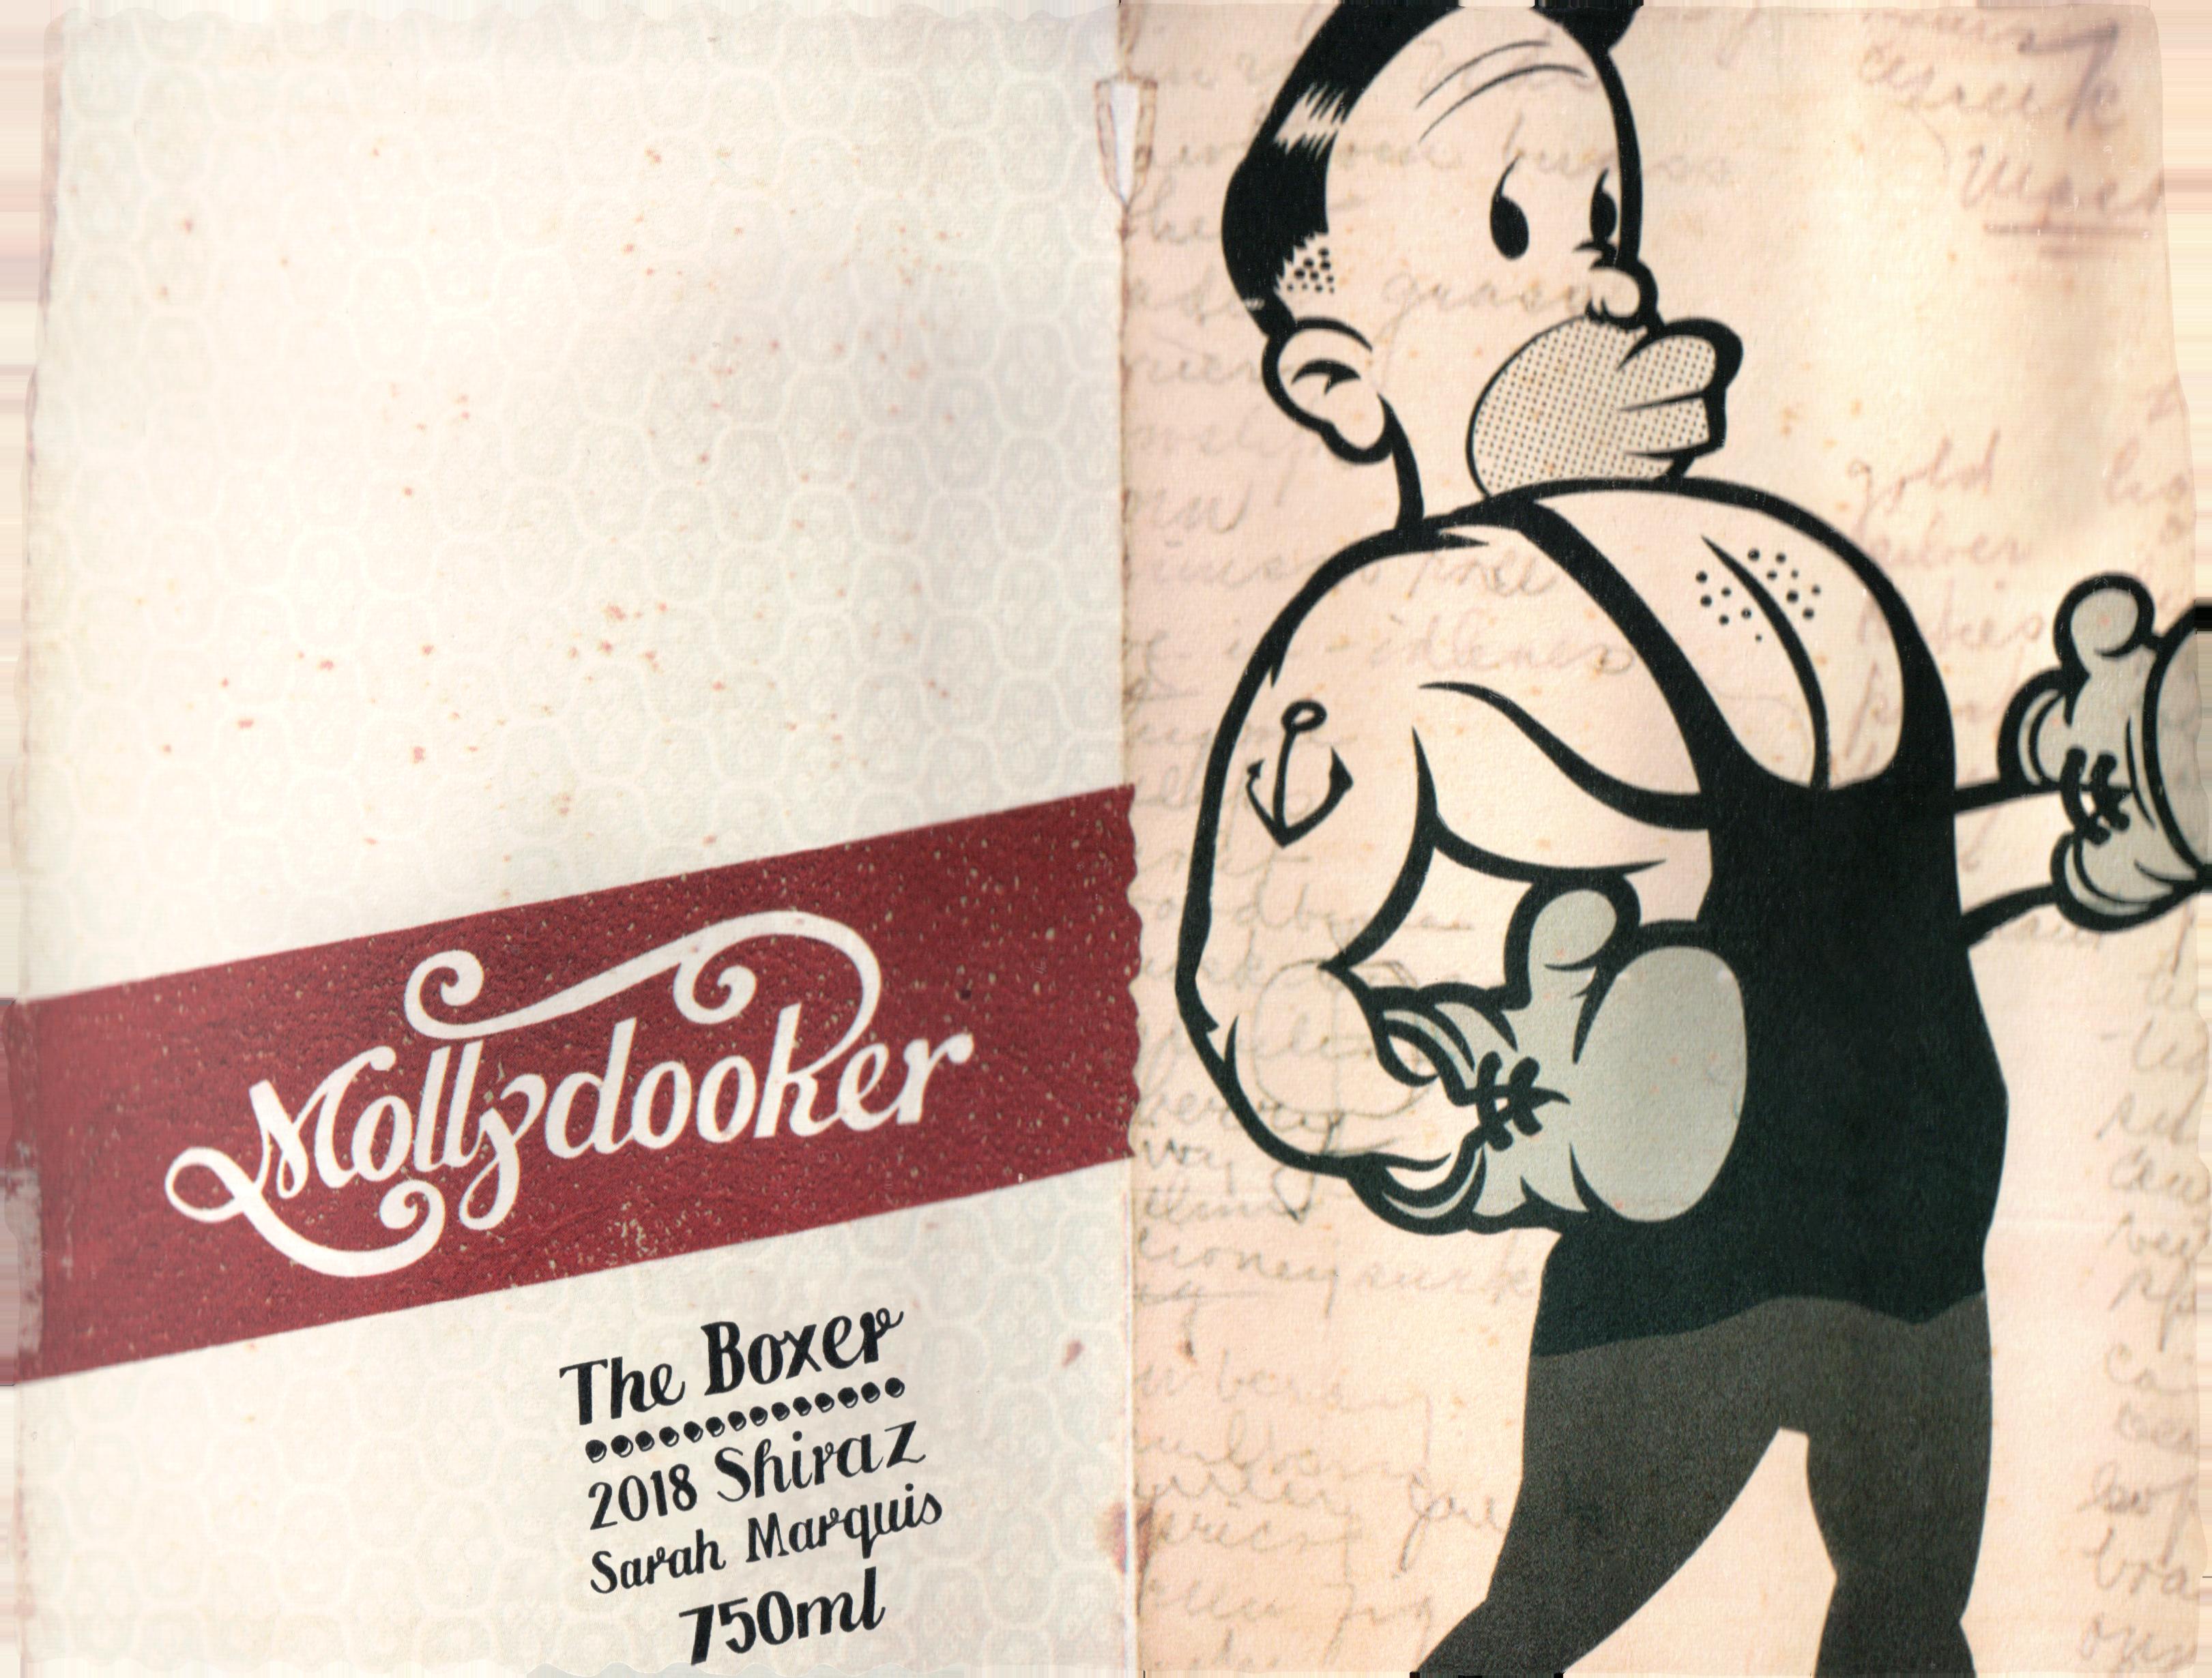 Mollydooker The Boxer Shiraz Mclaren Vale 2018